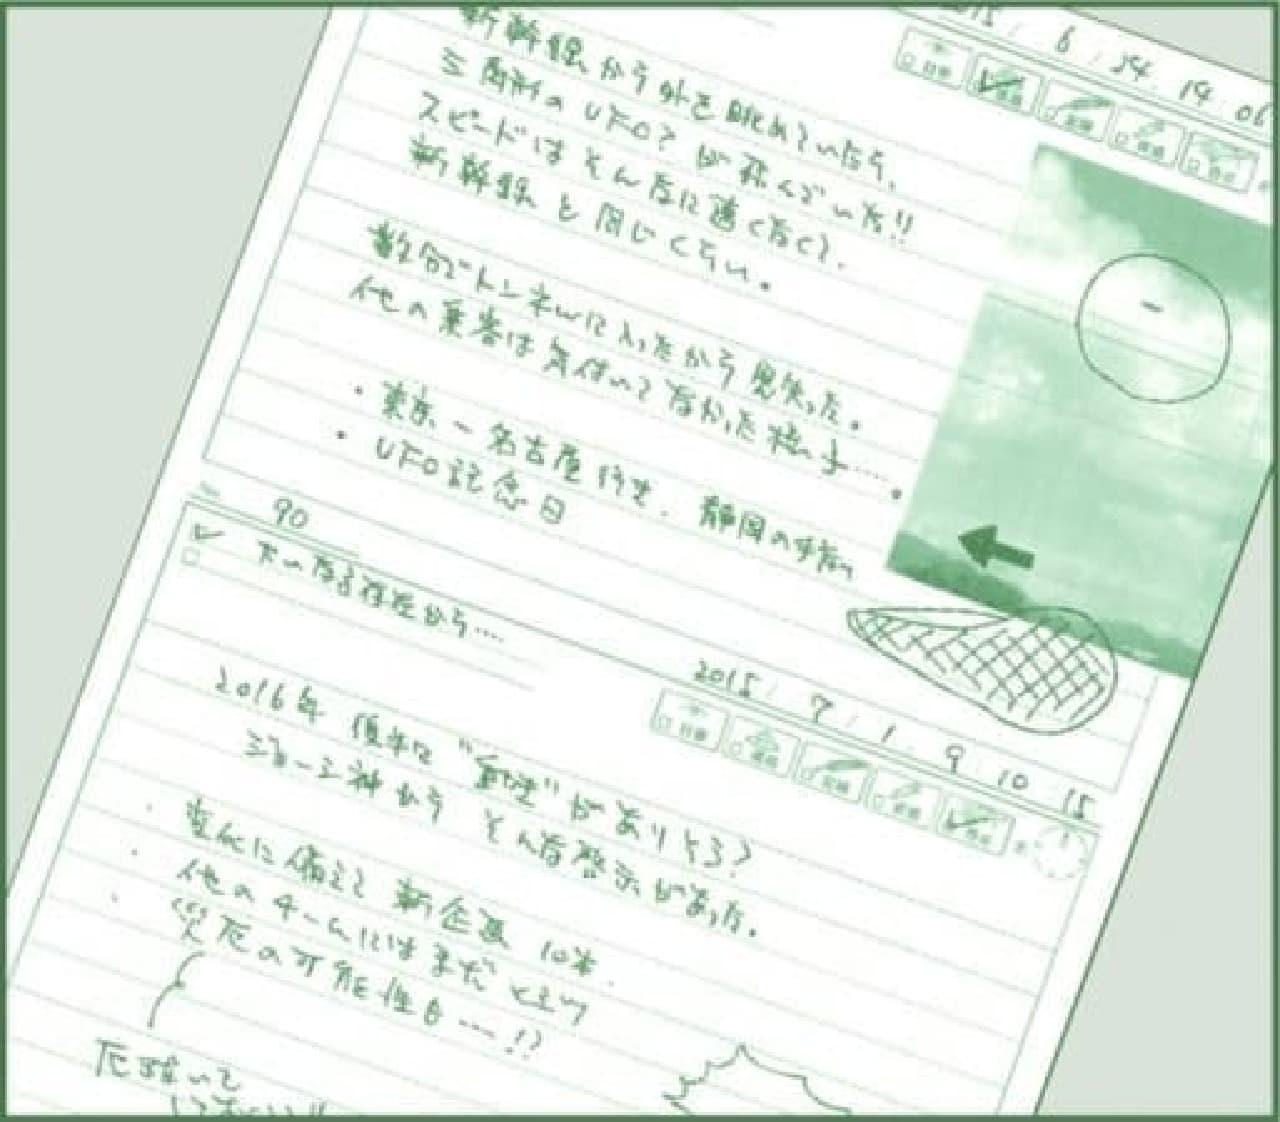 ノート使用例  使いきれるだろうか…